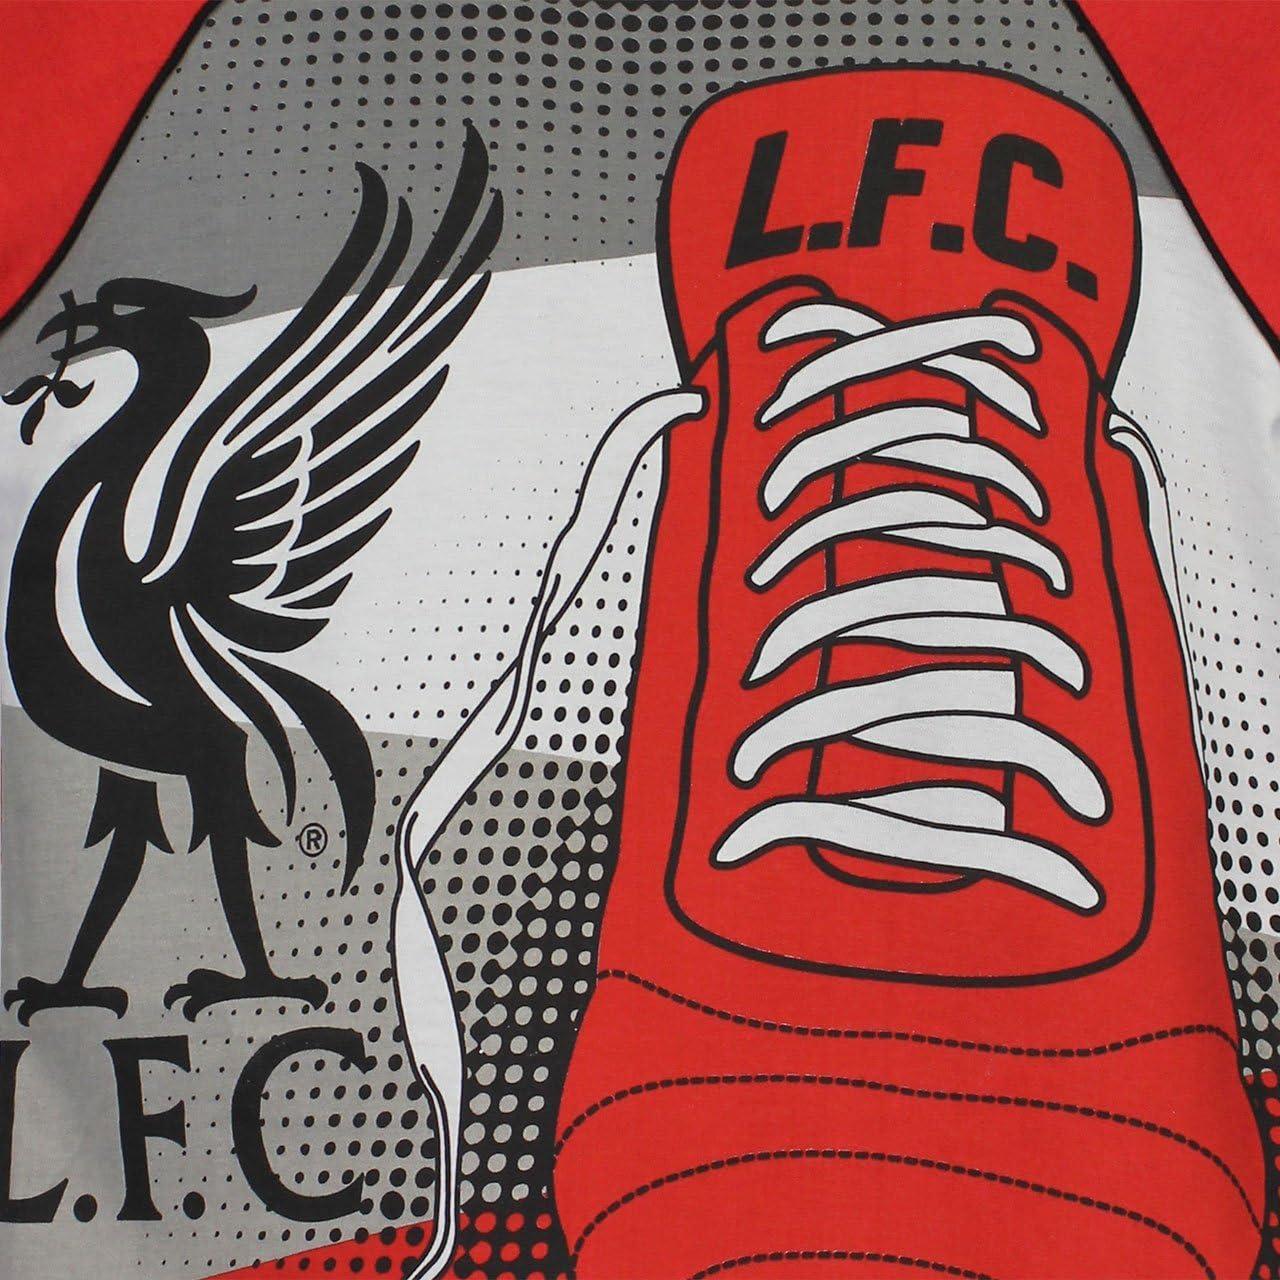 Pigiama a maniche lunga per ragazzi Liverpool F.C